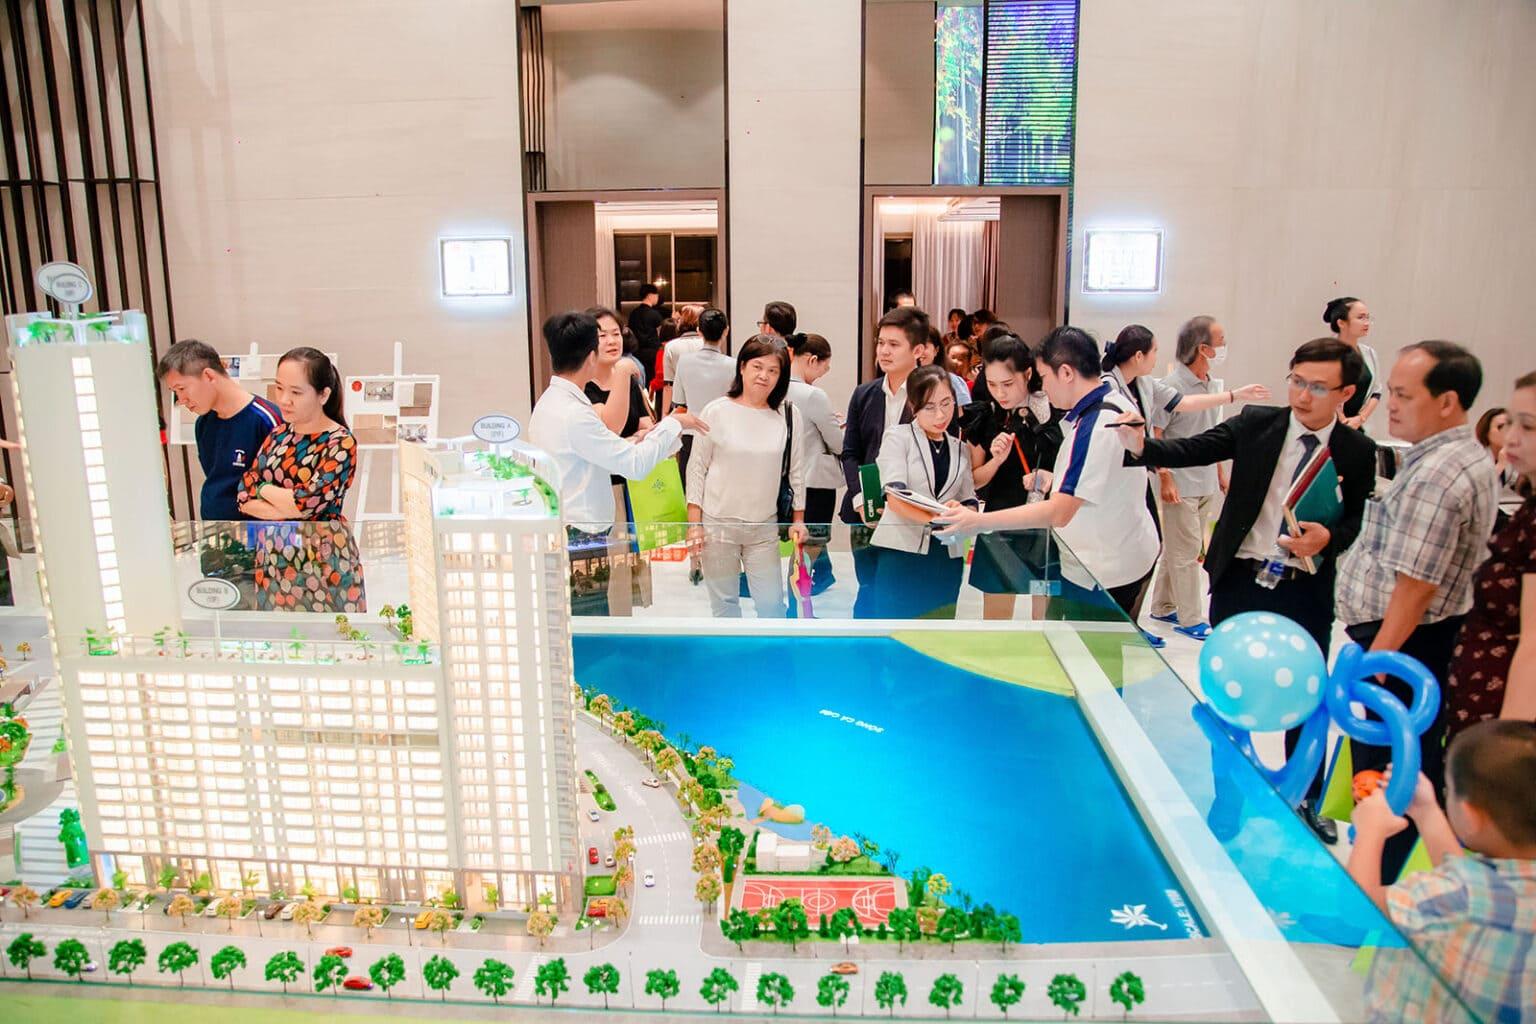 Để khách hàng có nhiều thuận lợi khi tìm hiểu thông tin dự án cũng như các chương trình vay từ ngân hàng, dự kiến trung tuần tháng 11 này, Phú Mỹ Hưng sẽ tổ chức sự kiện với quy mô chỉ dành cho 100 nhóm khách.